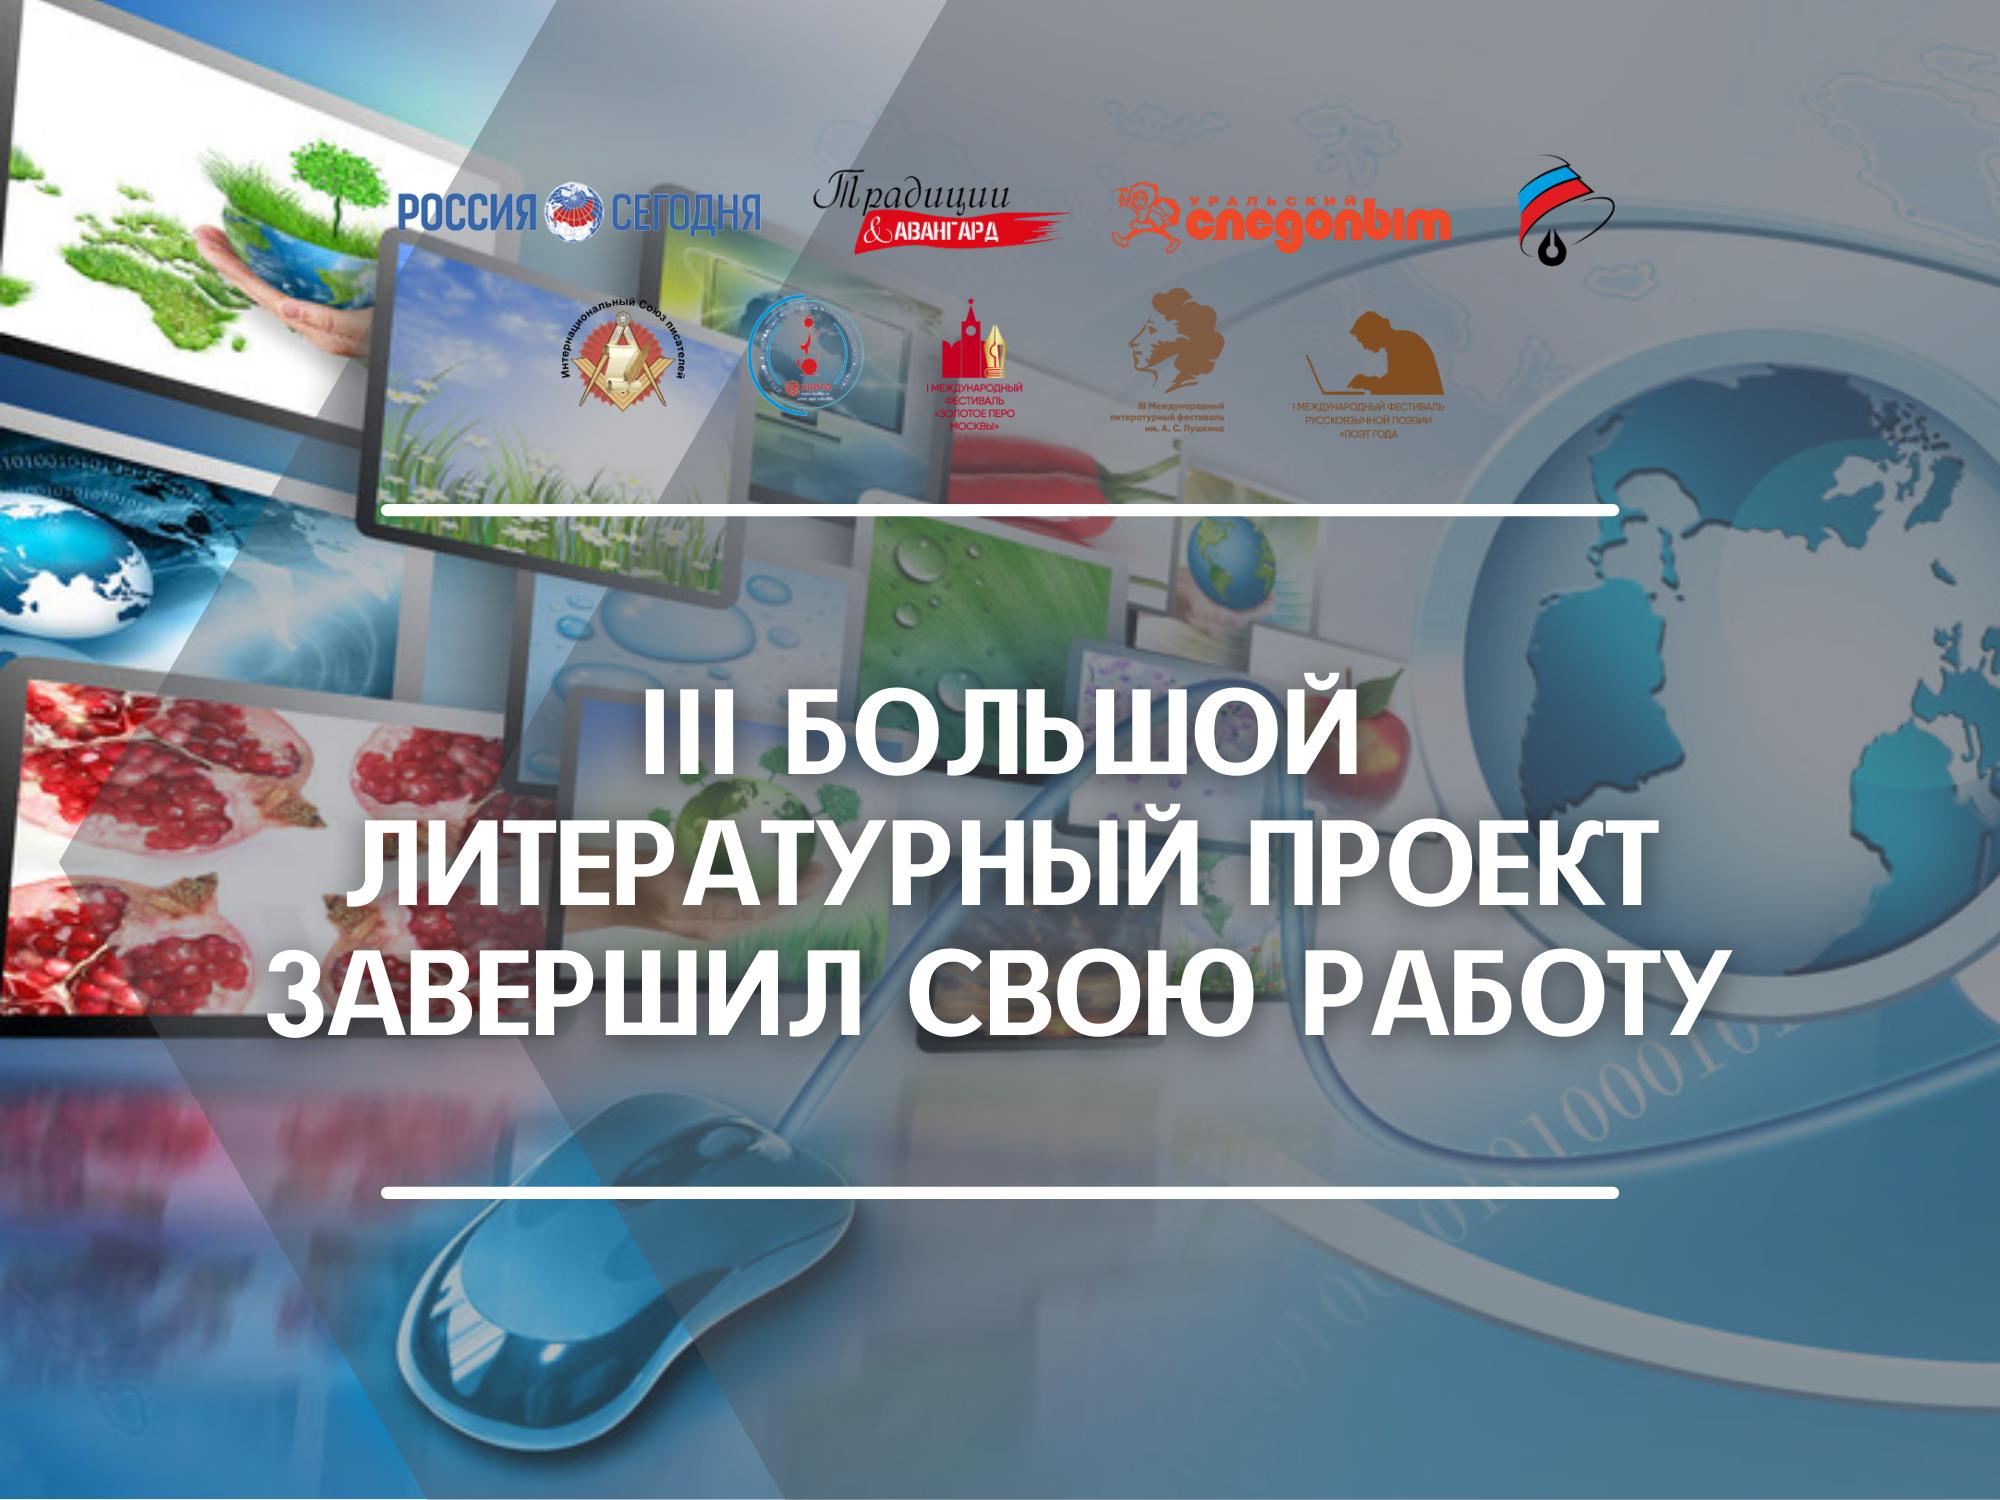 III Большой международный онлайн-проект «лето русскоязычной литературы»